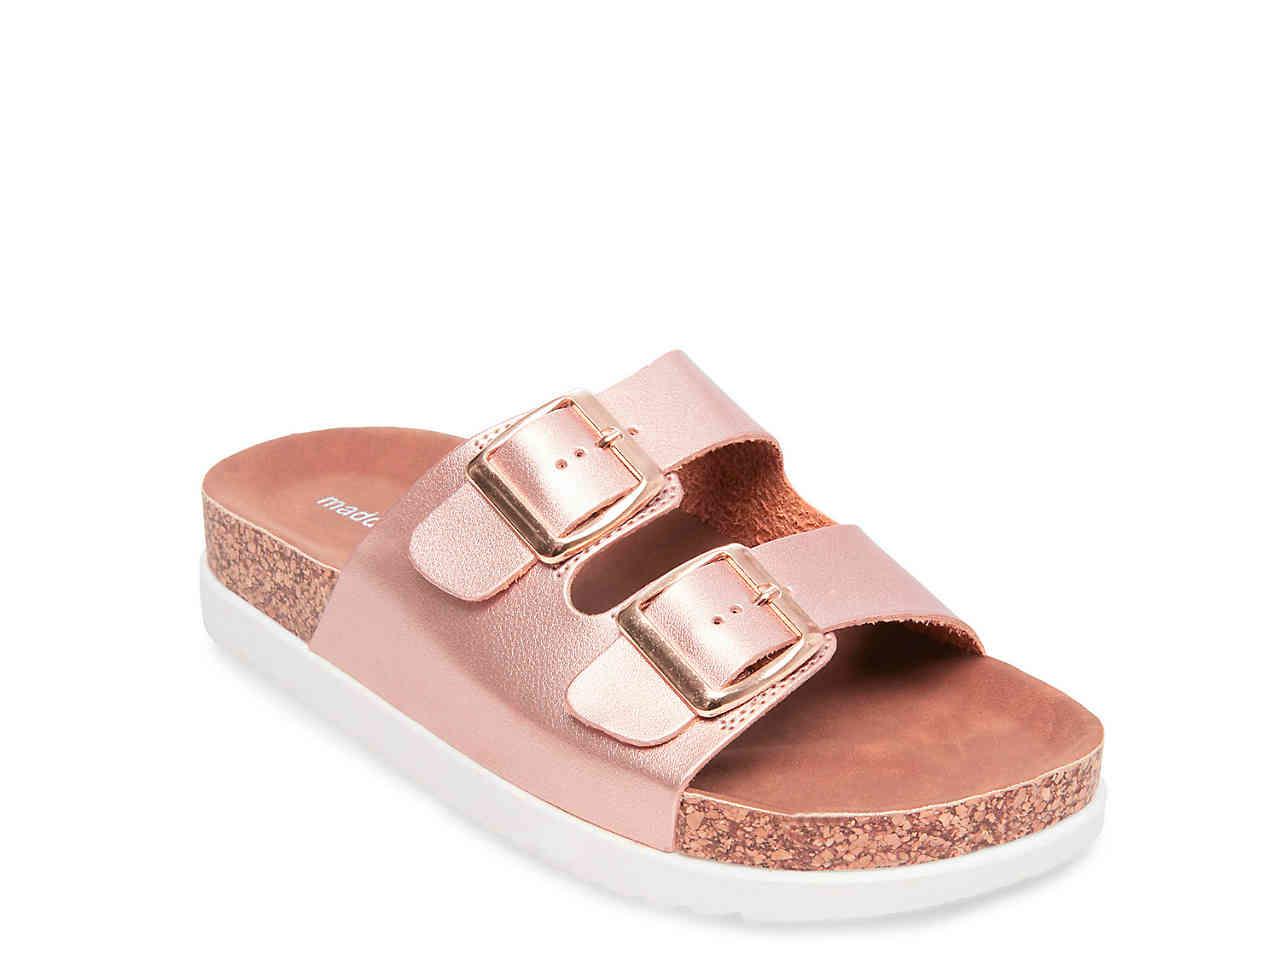 77089d4e72c Madden Girl Goldie Rose Gold Sandal